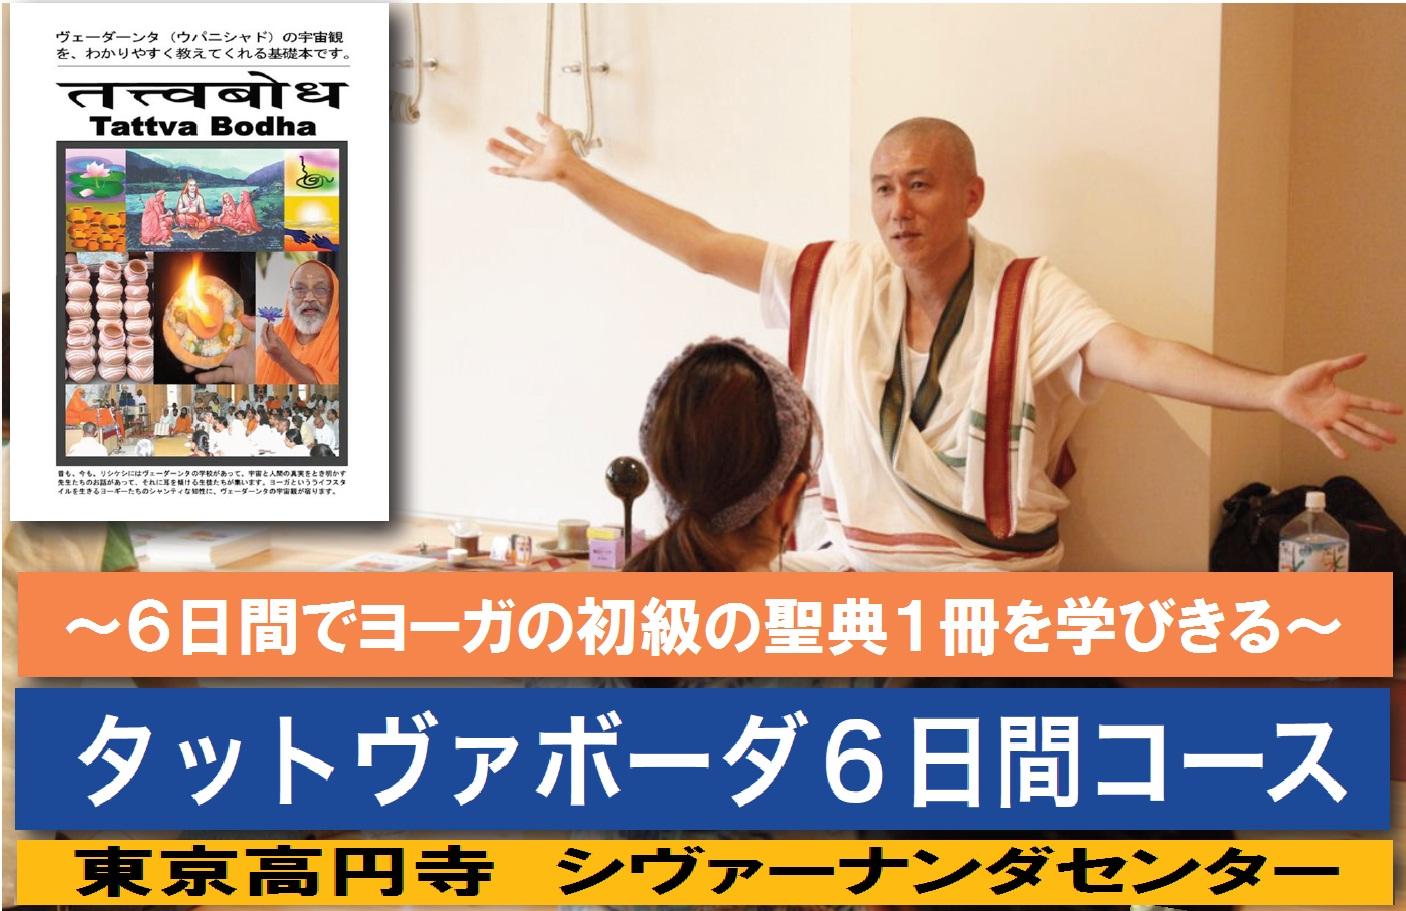 生徒さんからのお便り、東京での7日間タットヴァボーダより_d0103413_10515676.jpg